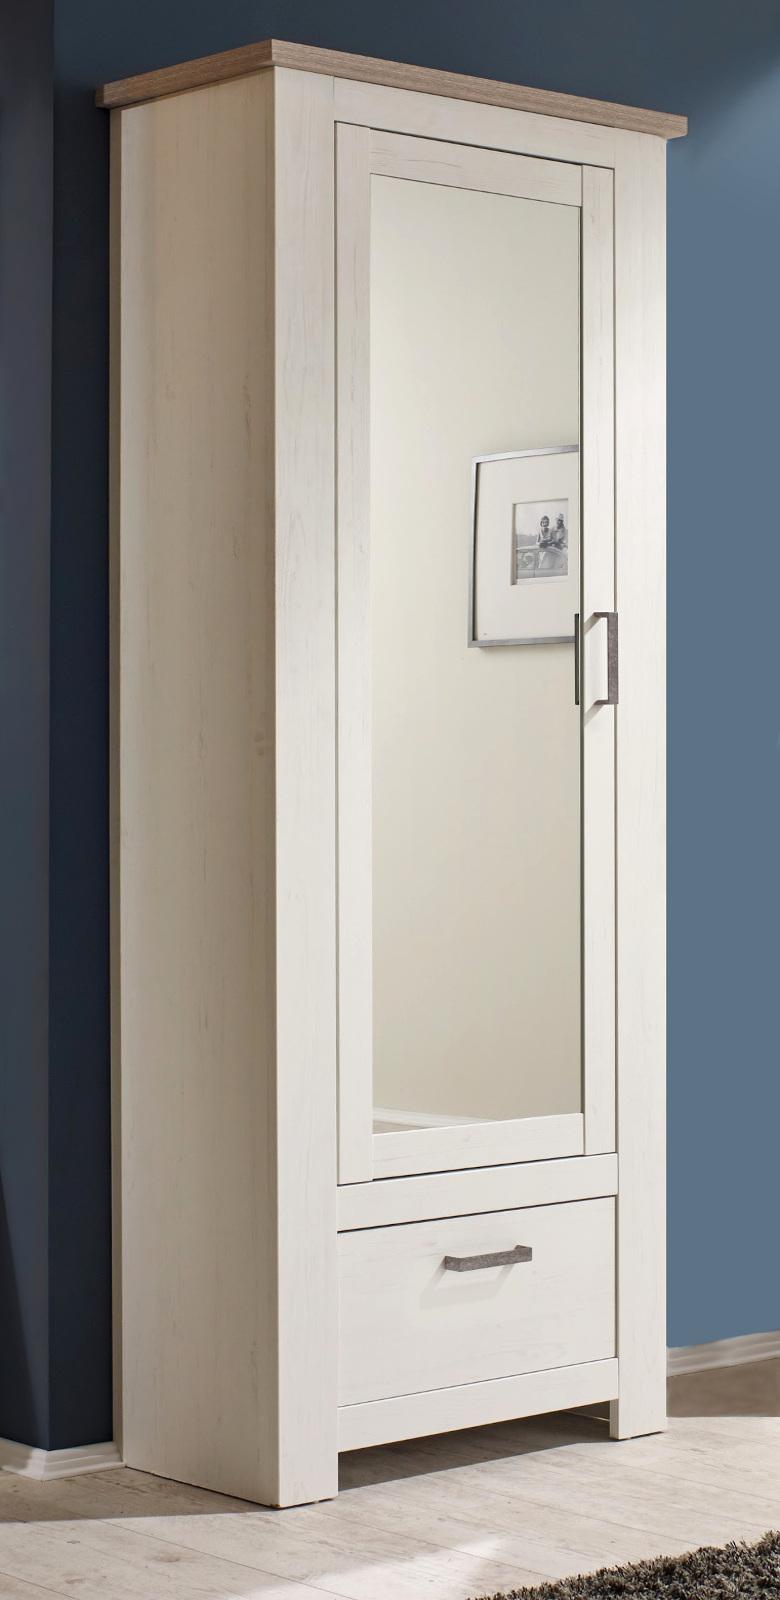 spiegelschrank garderobe lotte pinie struktur wei. Black Bedroom Furniture Sets. Home Design Ideas